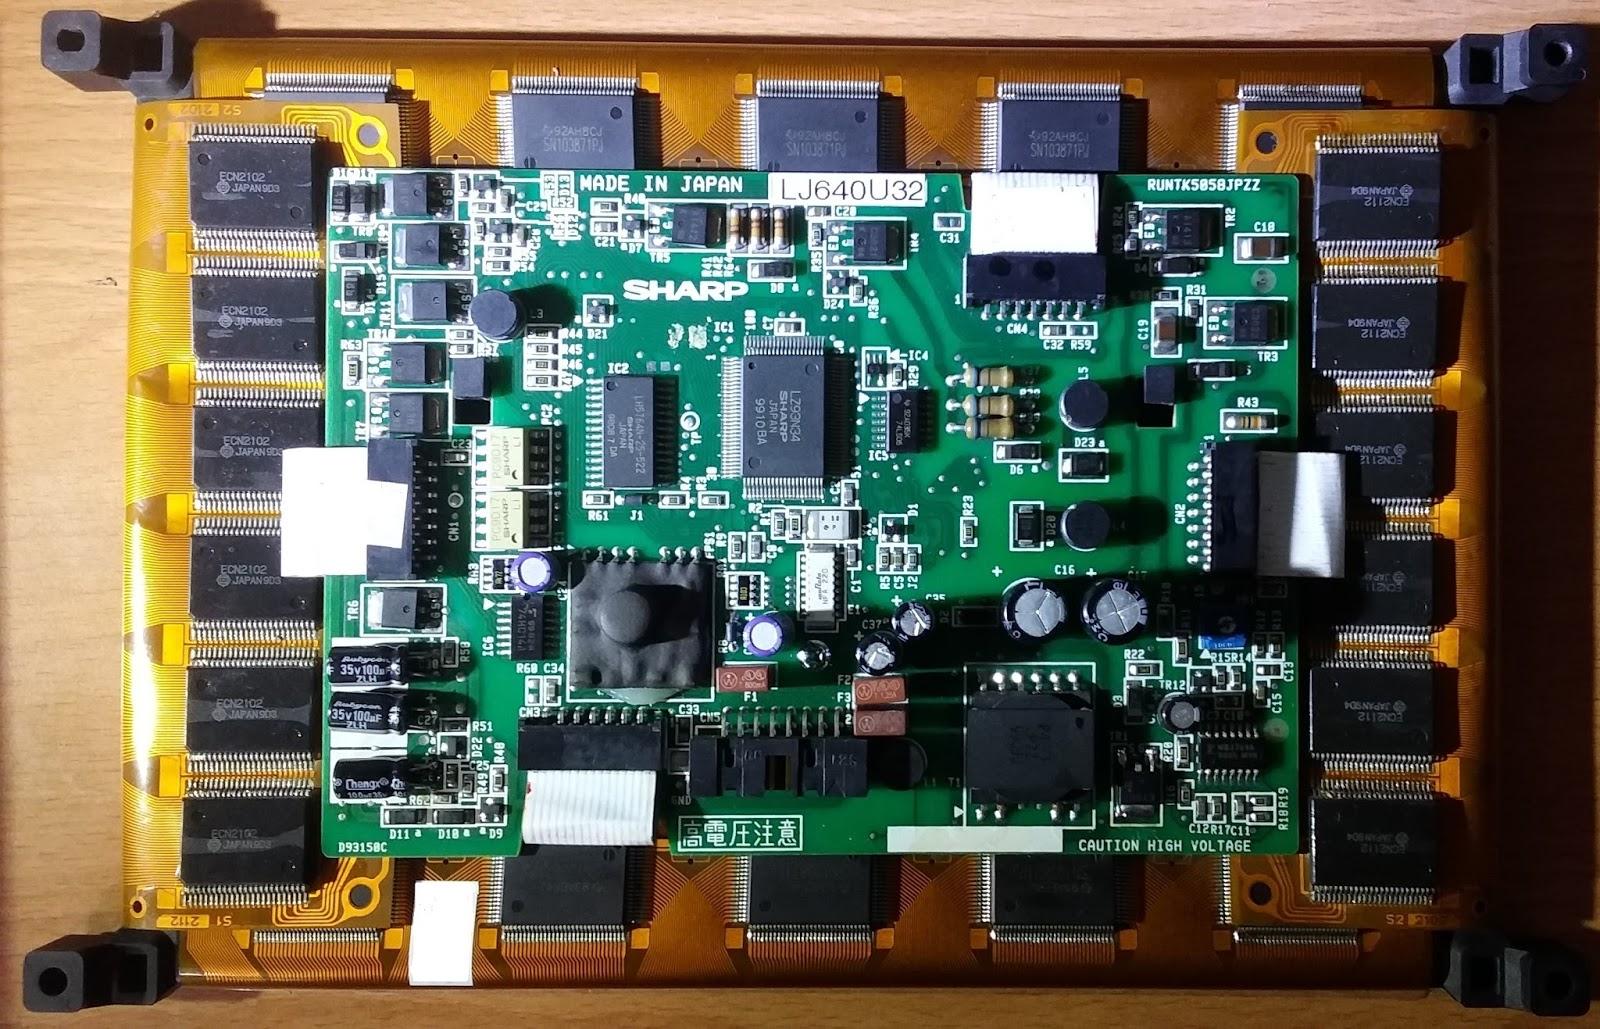 竹東液晶維修: 工業電腦顯示模組 EL面板 SHARP LJ640U32